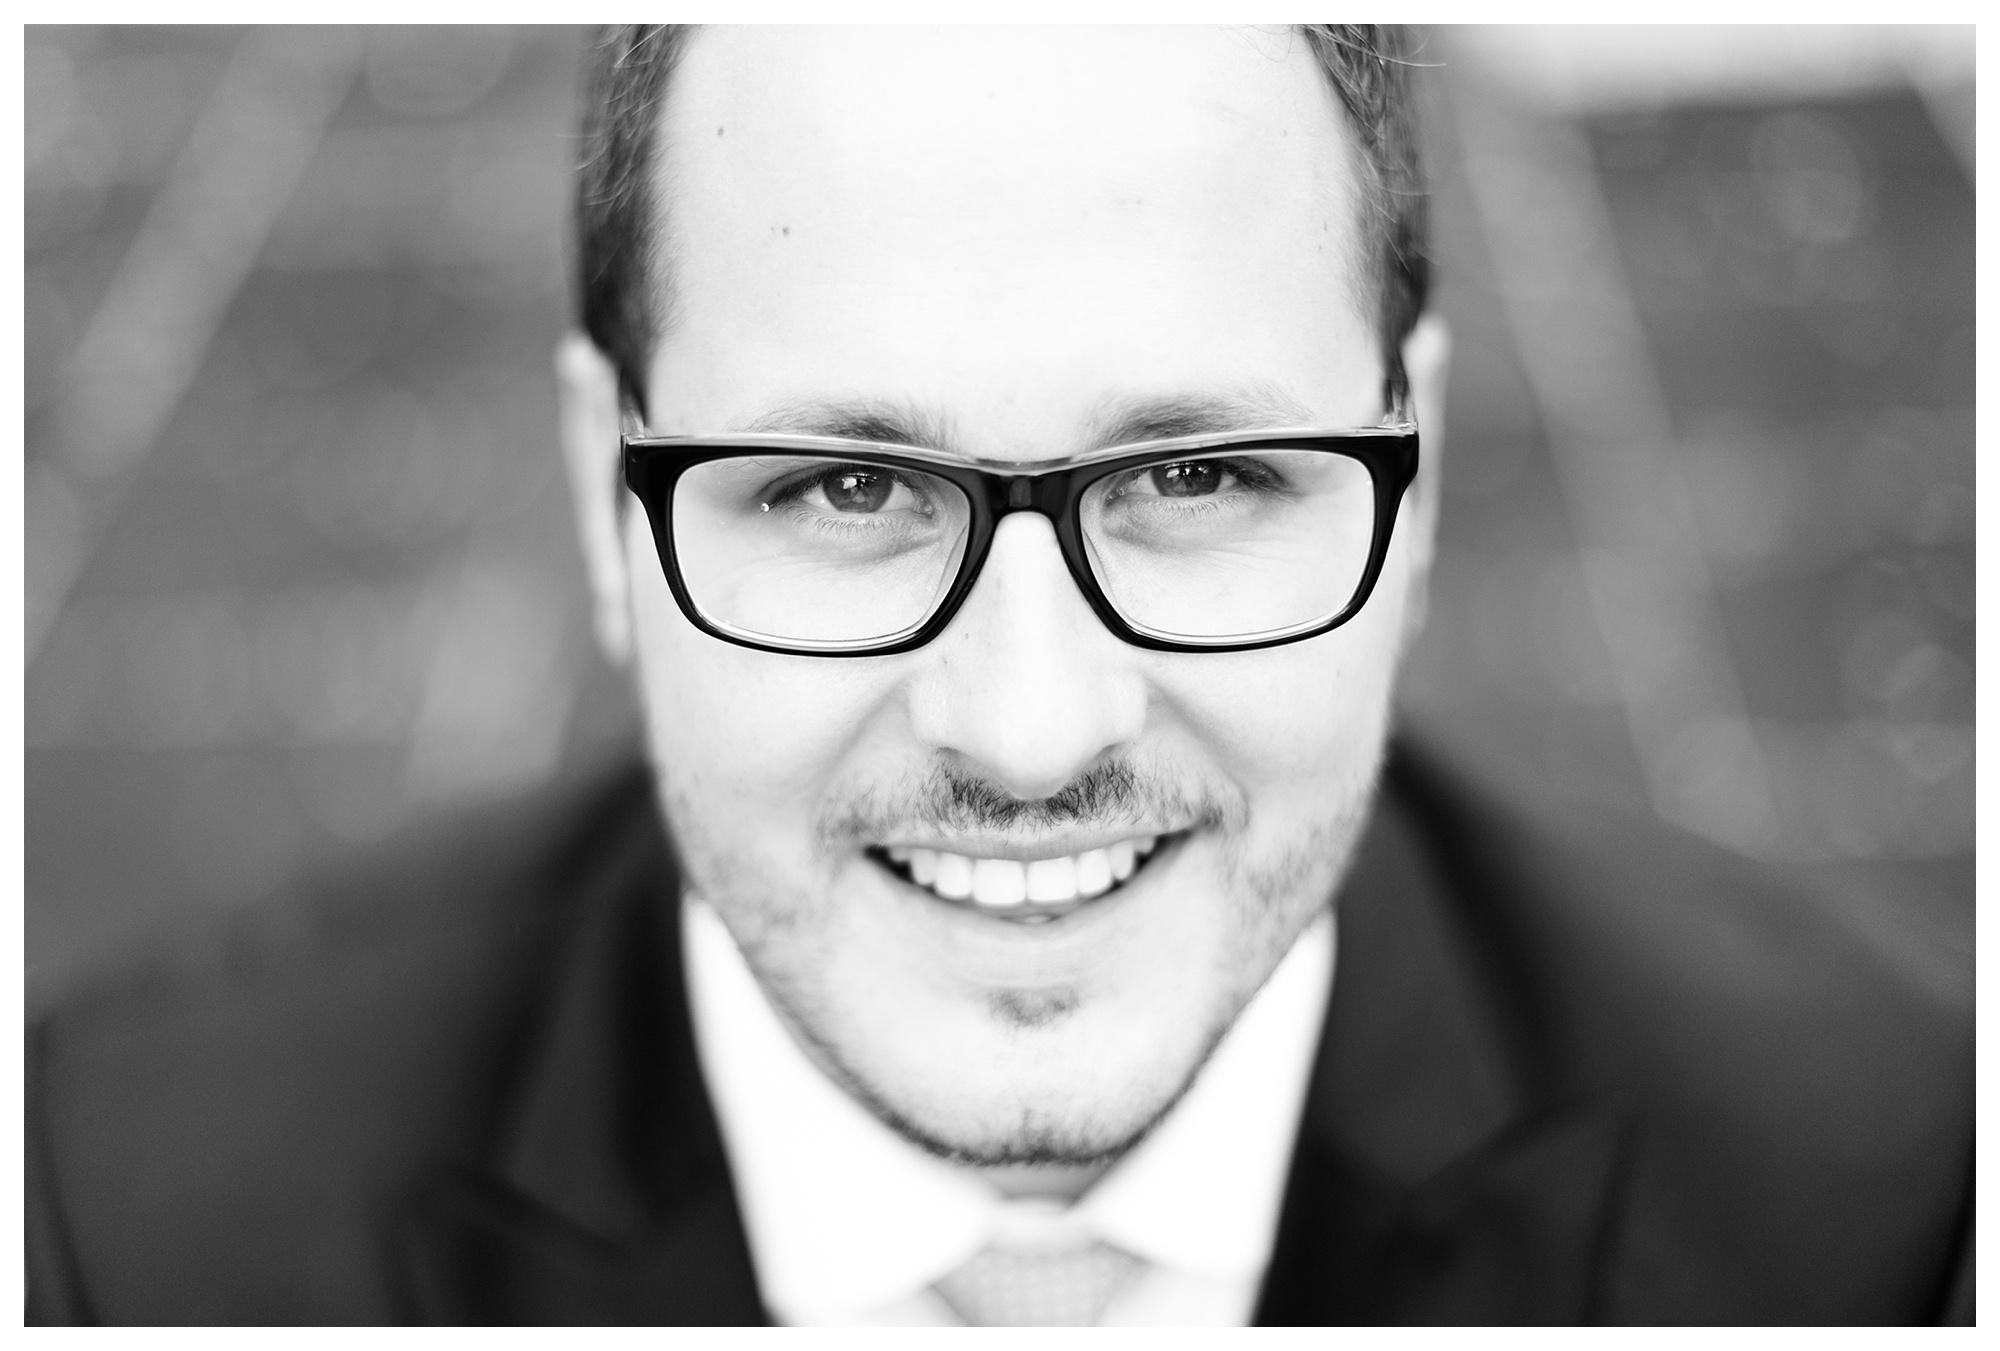 Fotograf Konstanz - Best of 2014 Elmar Feuerbacher Photography Hochzeit Portrait 047 - Rückblick auf 2014  - 59 -